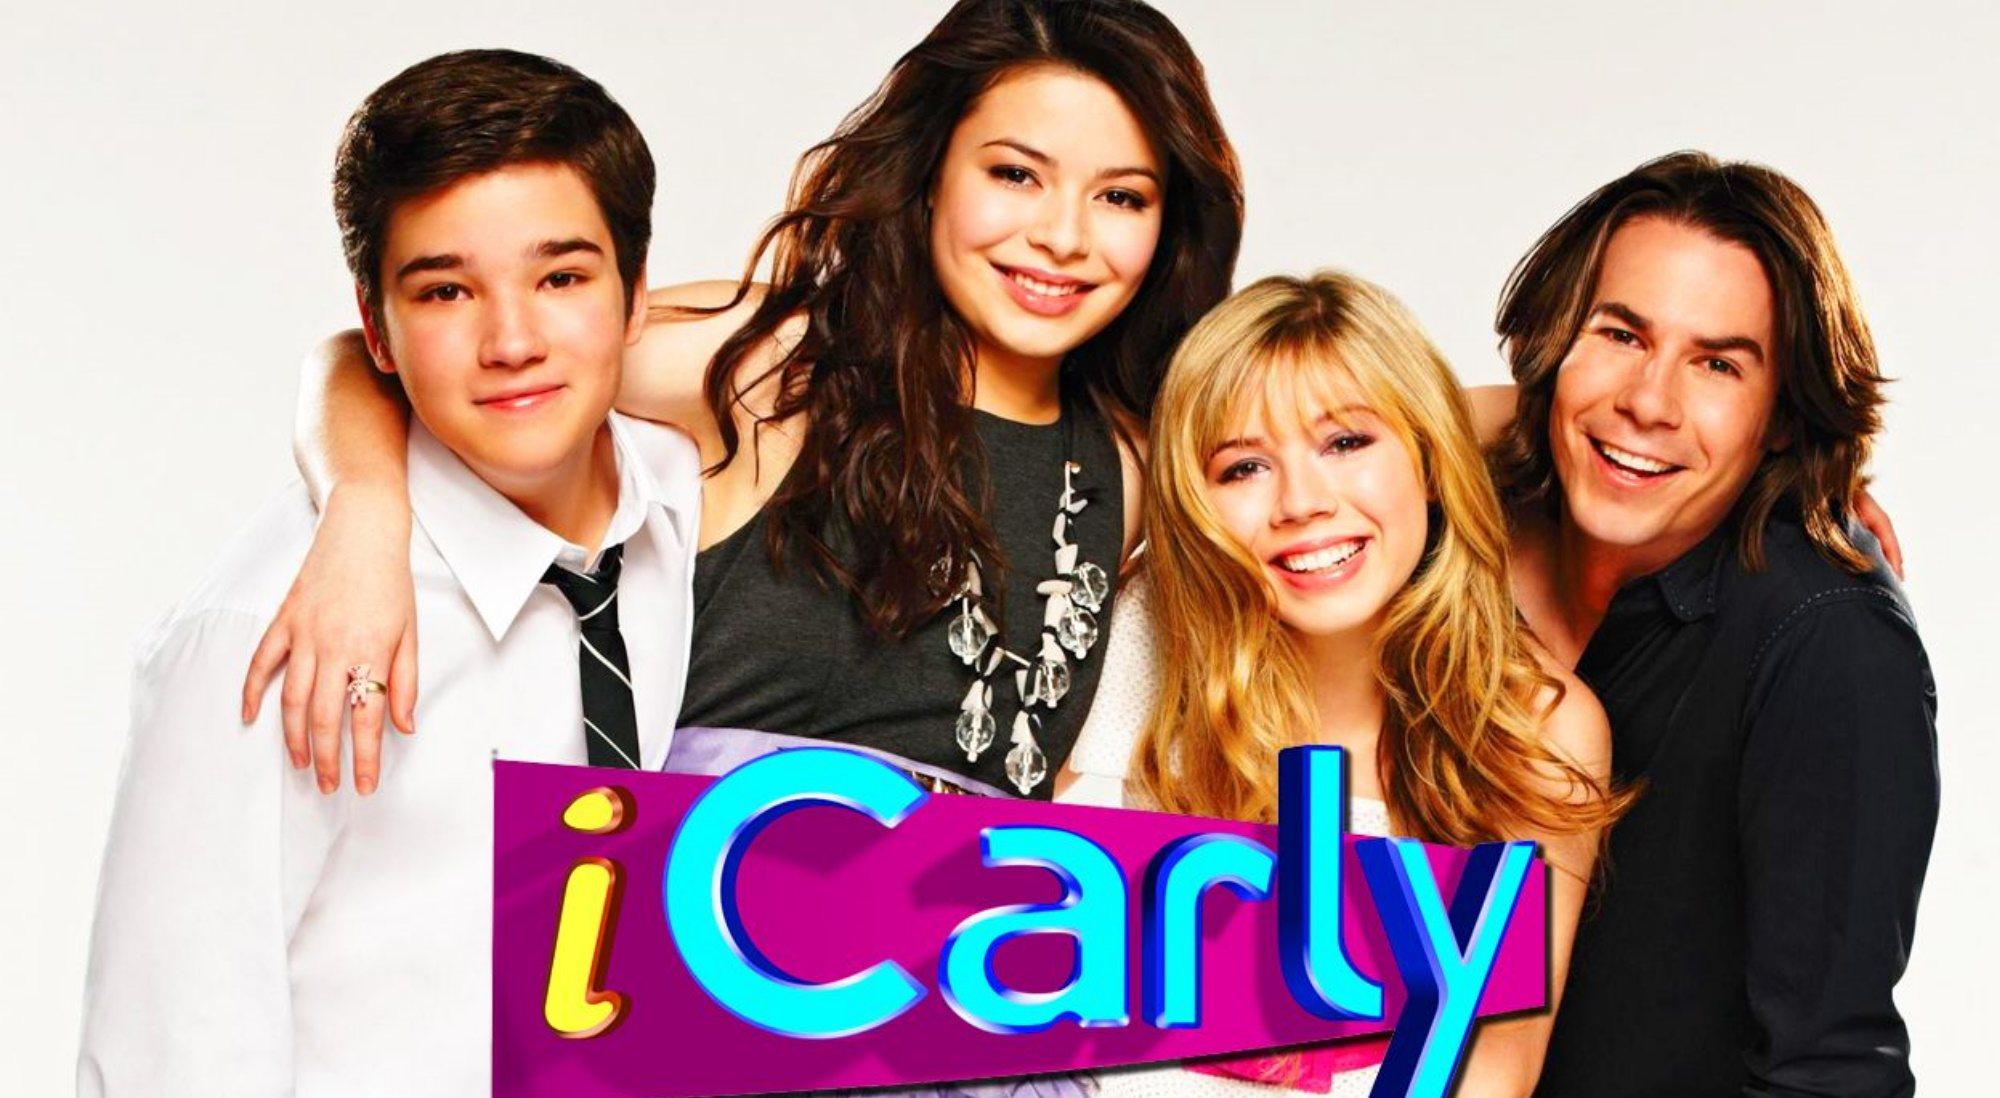 El revival de 'iCarly' se estrena en Paramount+ el 17 de junio